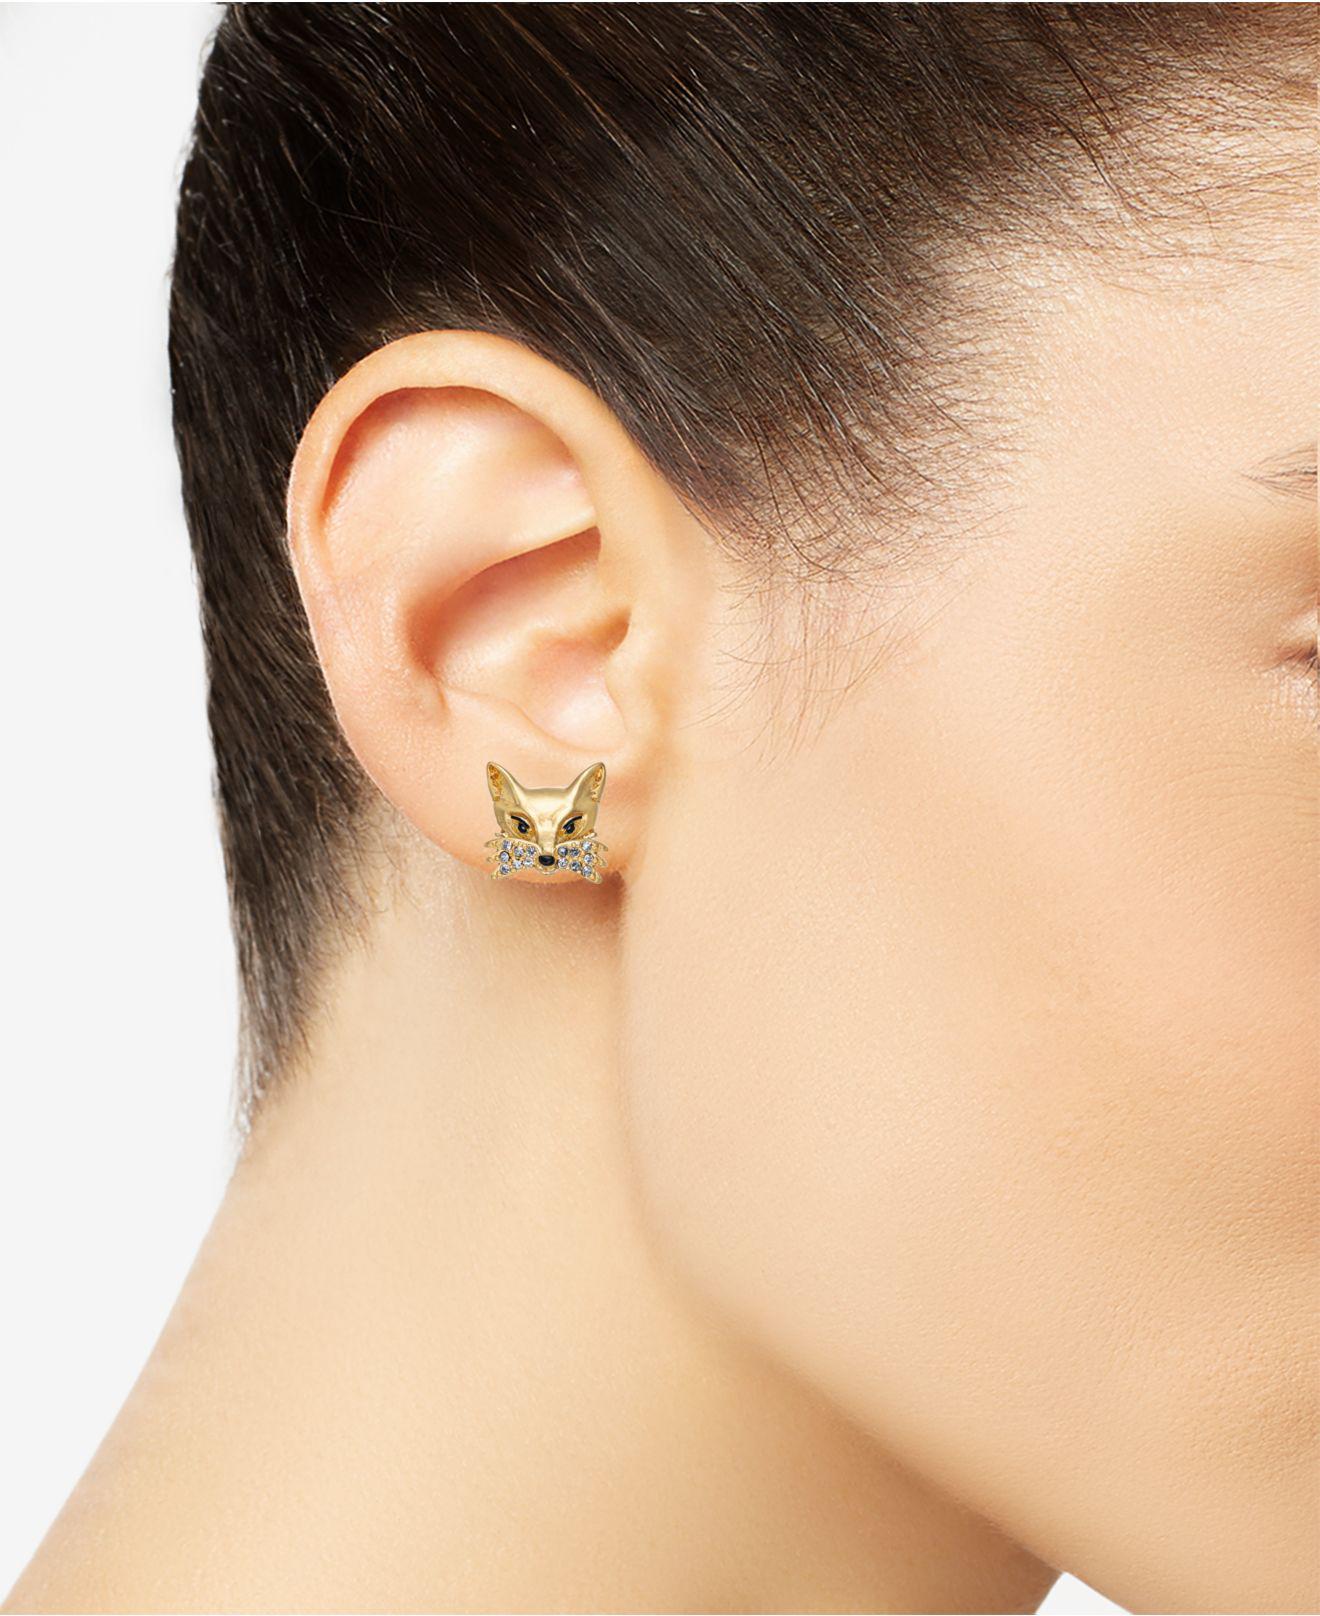 c1063b5d9f011 Kate Spade Gold-tone Pavé Fox Stud Earrings in Metallic - Lyst